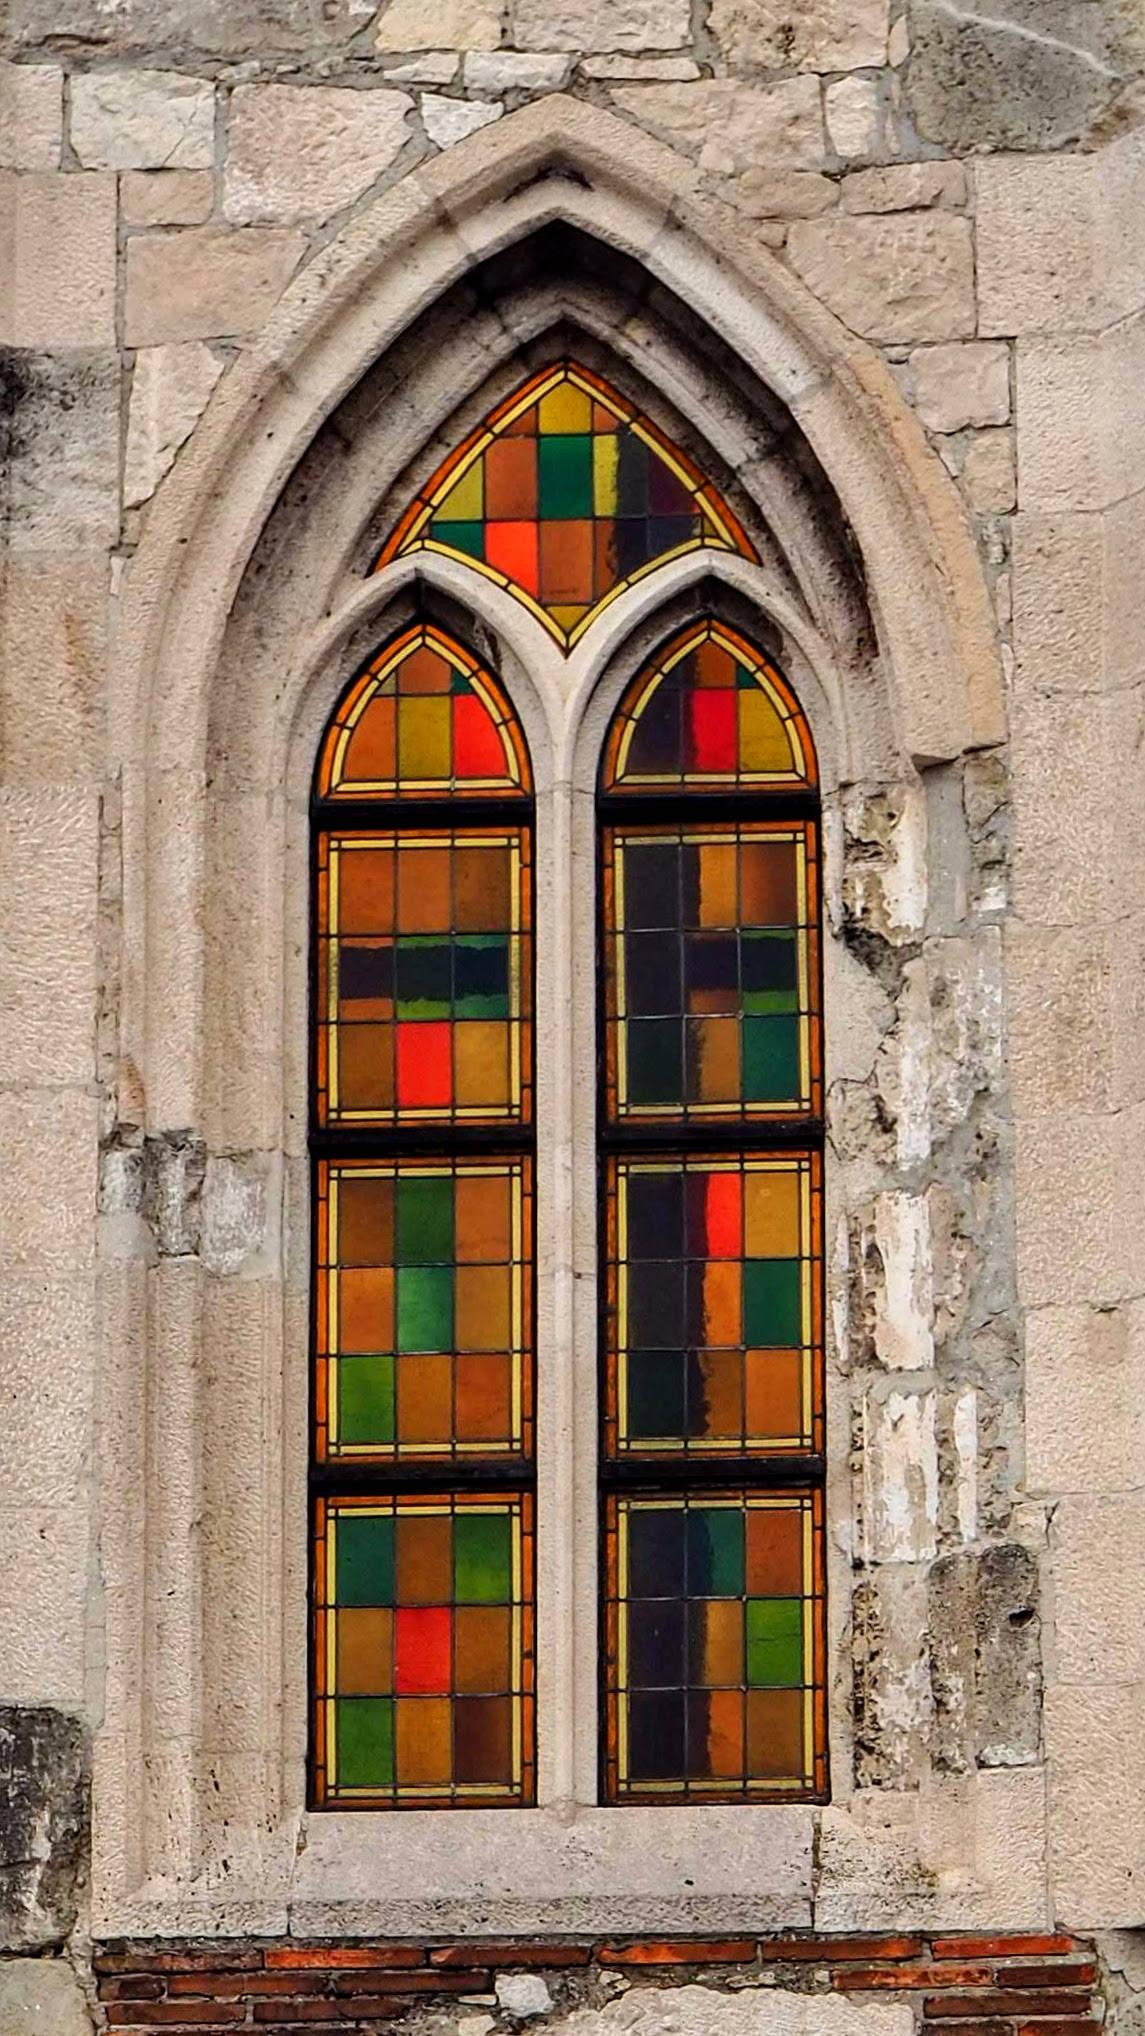 Barevné okno, Budínský hrad